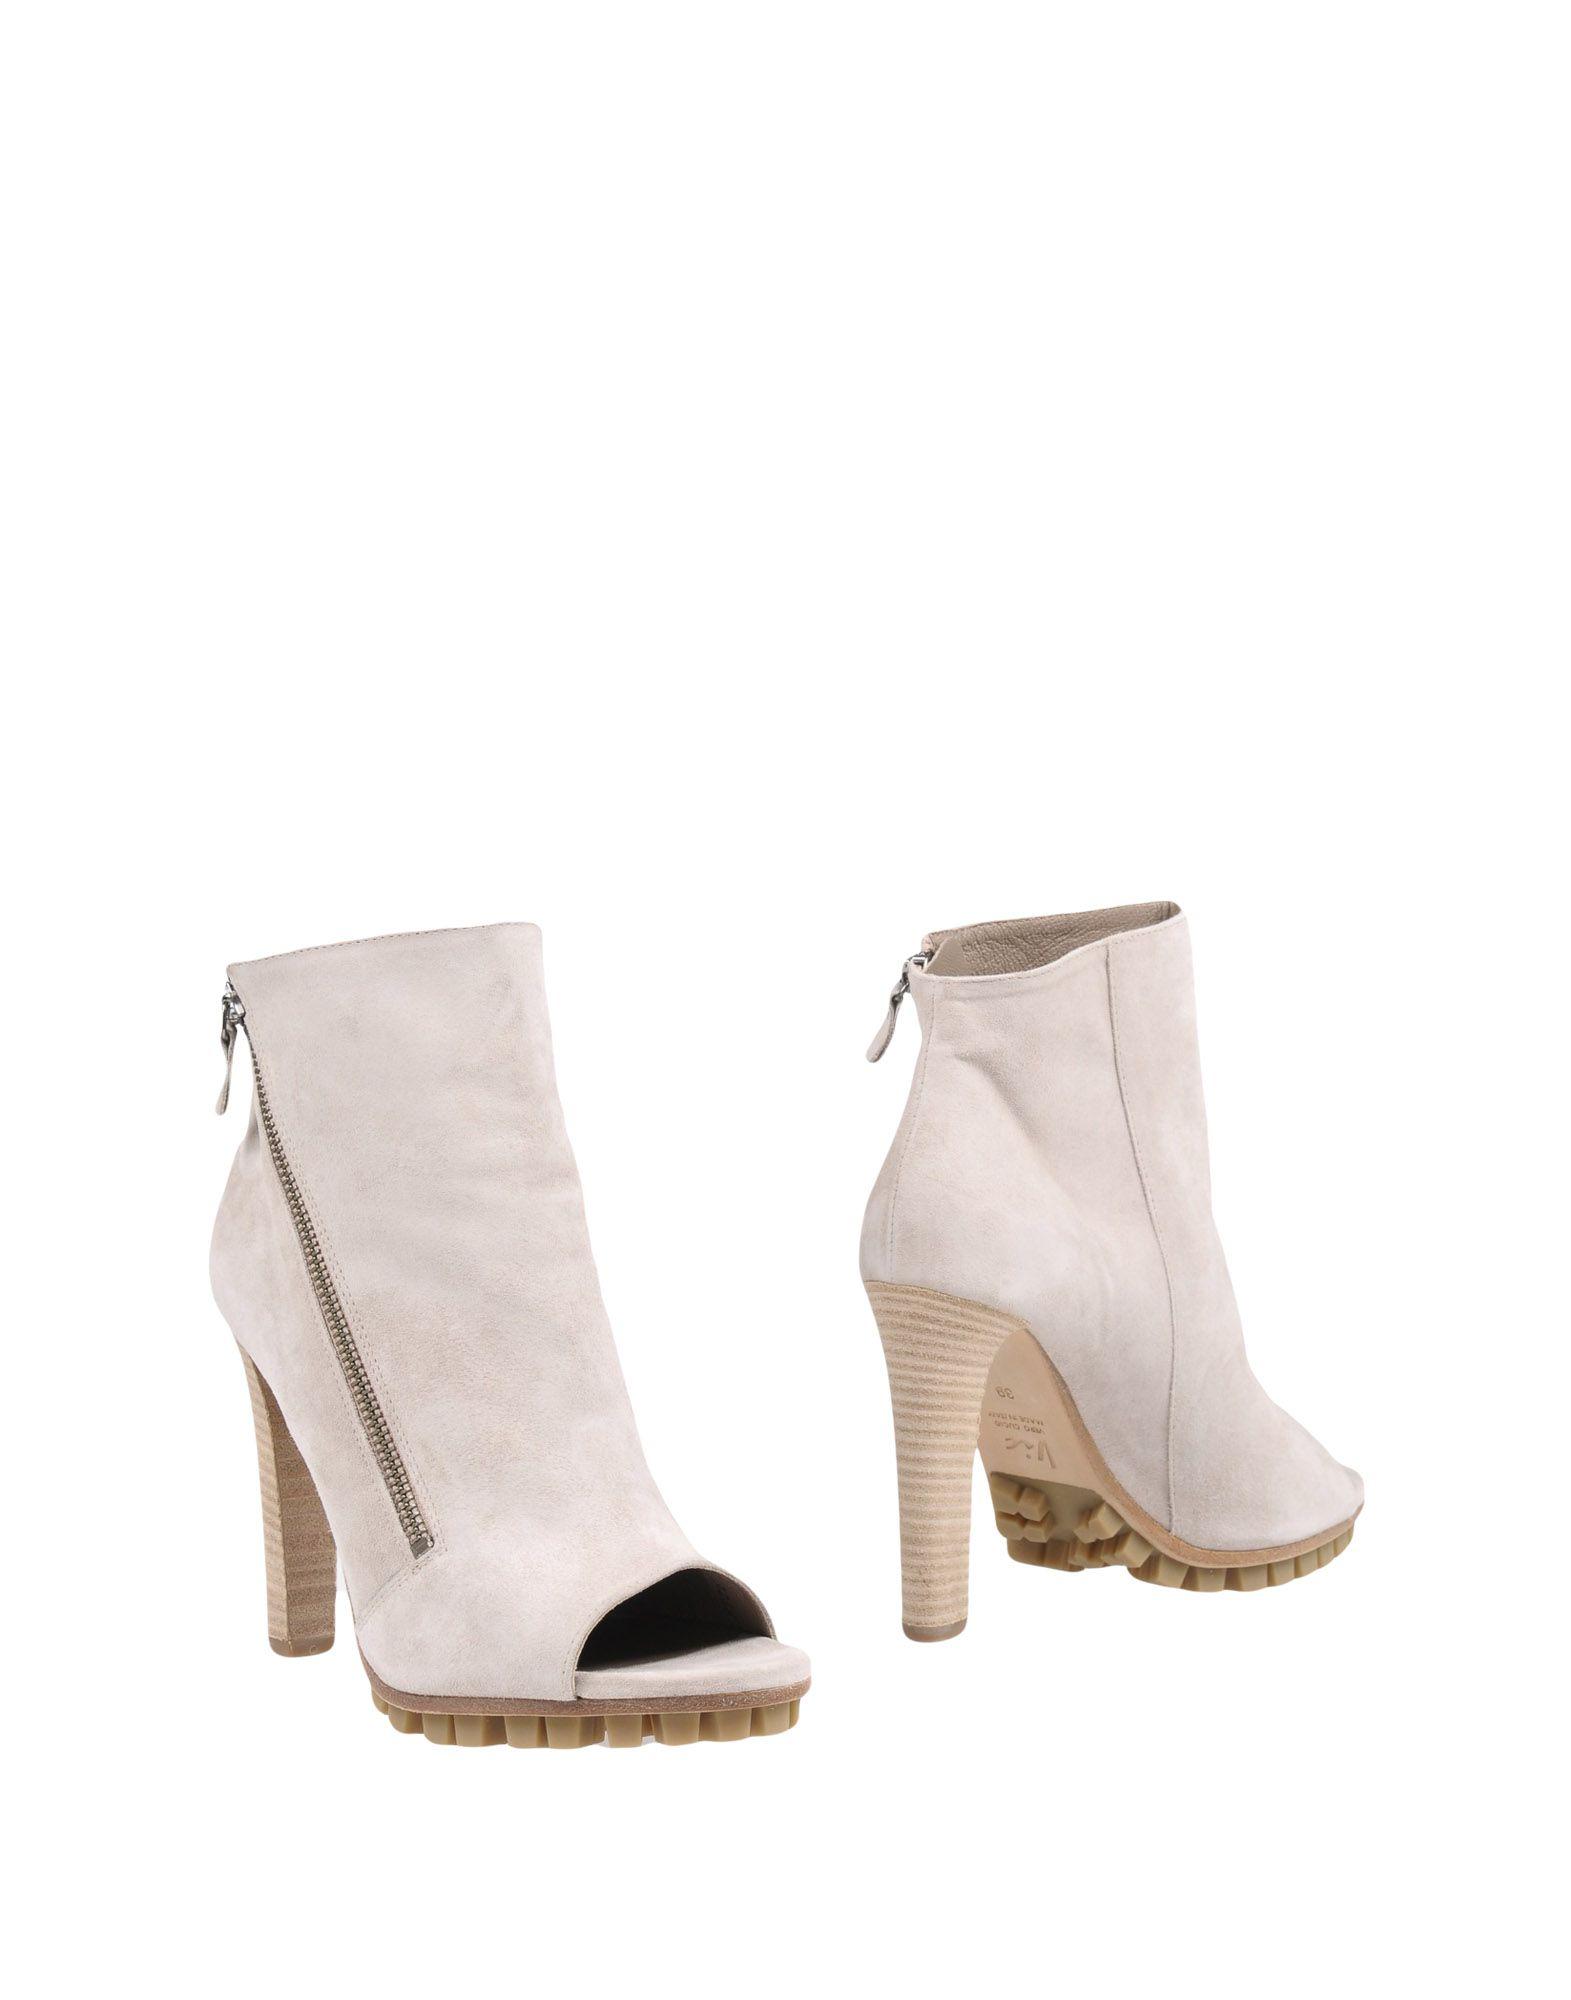 Haltbare Mode billige Schuhe Vic Stiefelette Damen  11422127TK Heiße Schuhe